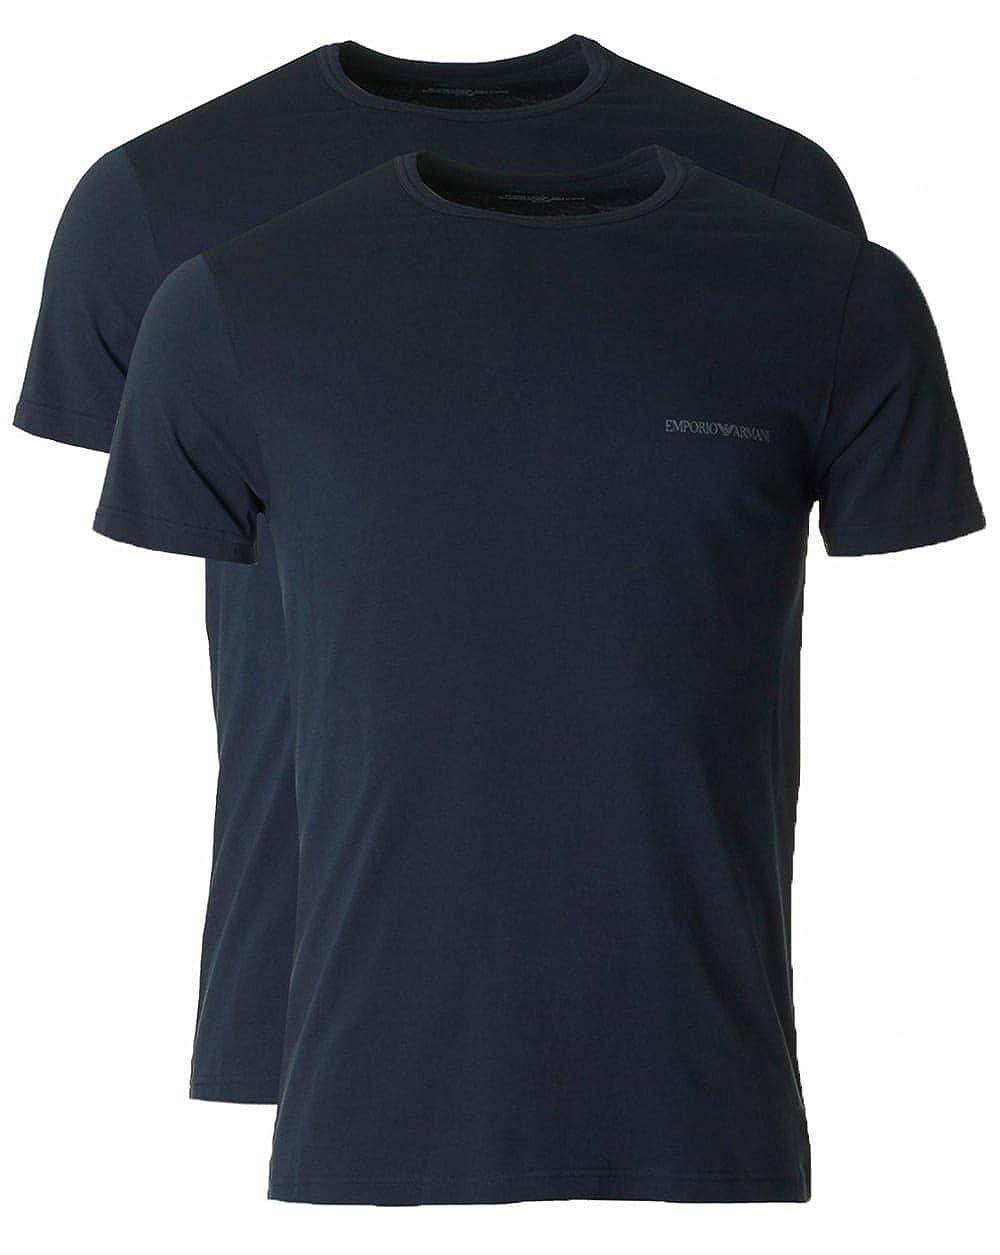 Emporio Armani 2 T-Shirt Uomo Art. 111267 7A717 Col. Foto Mis. A Scelta Foto